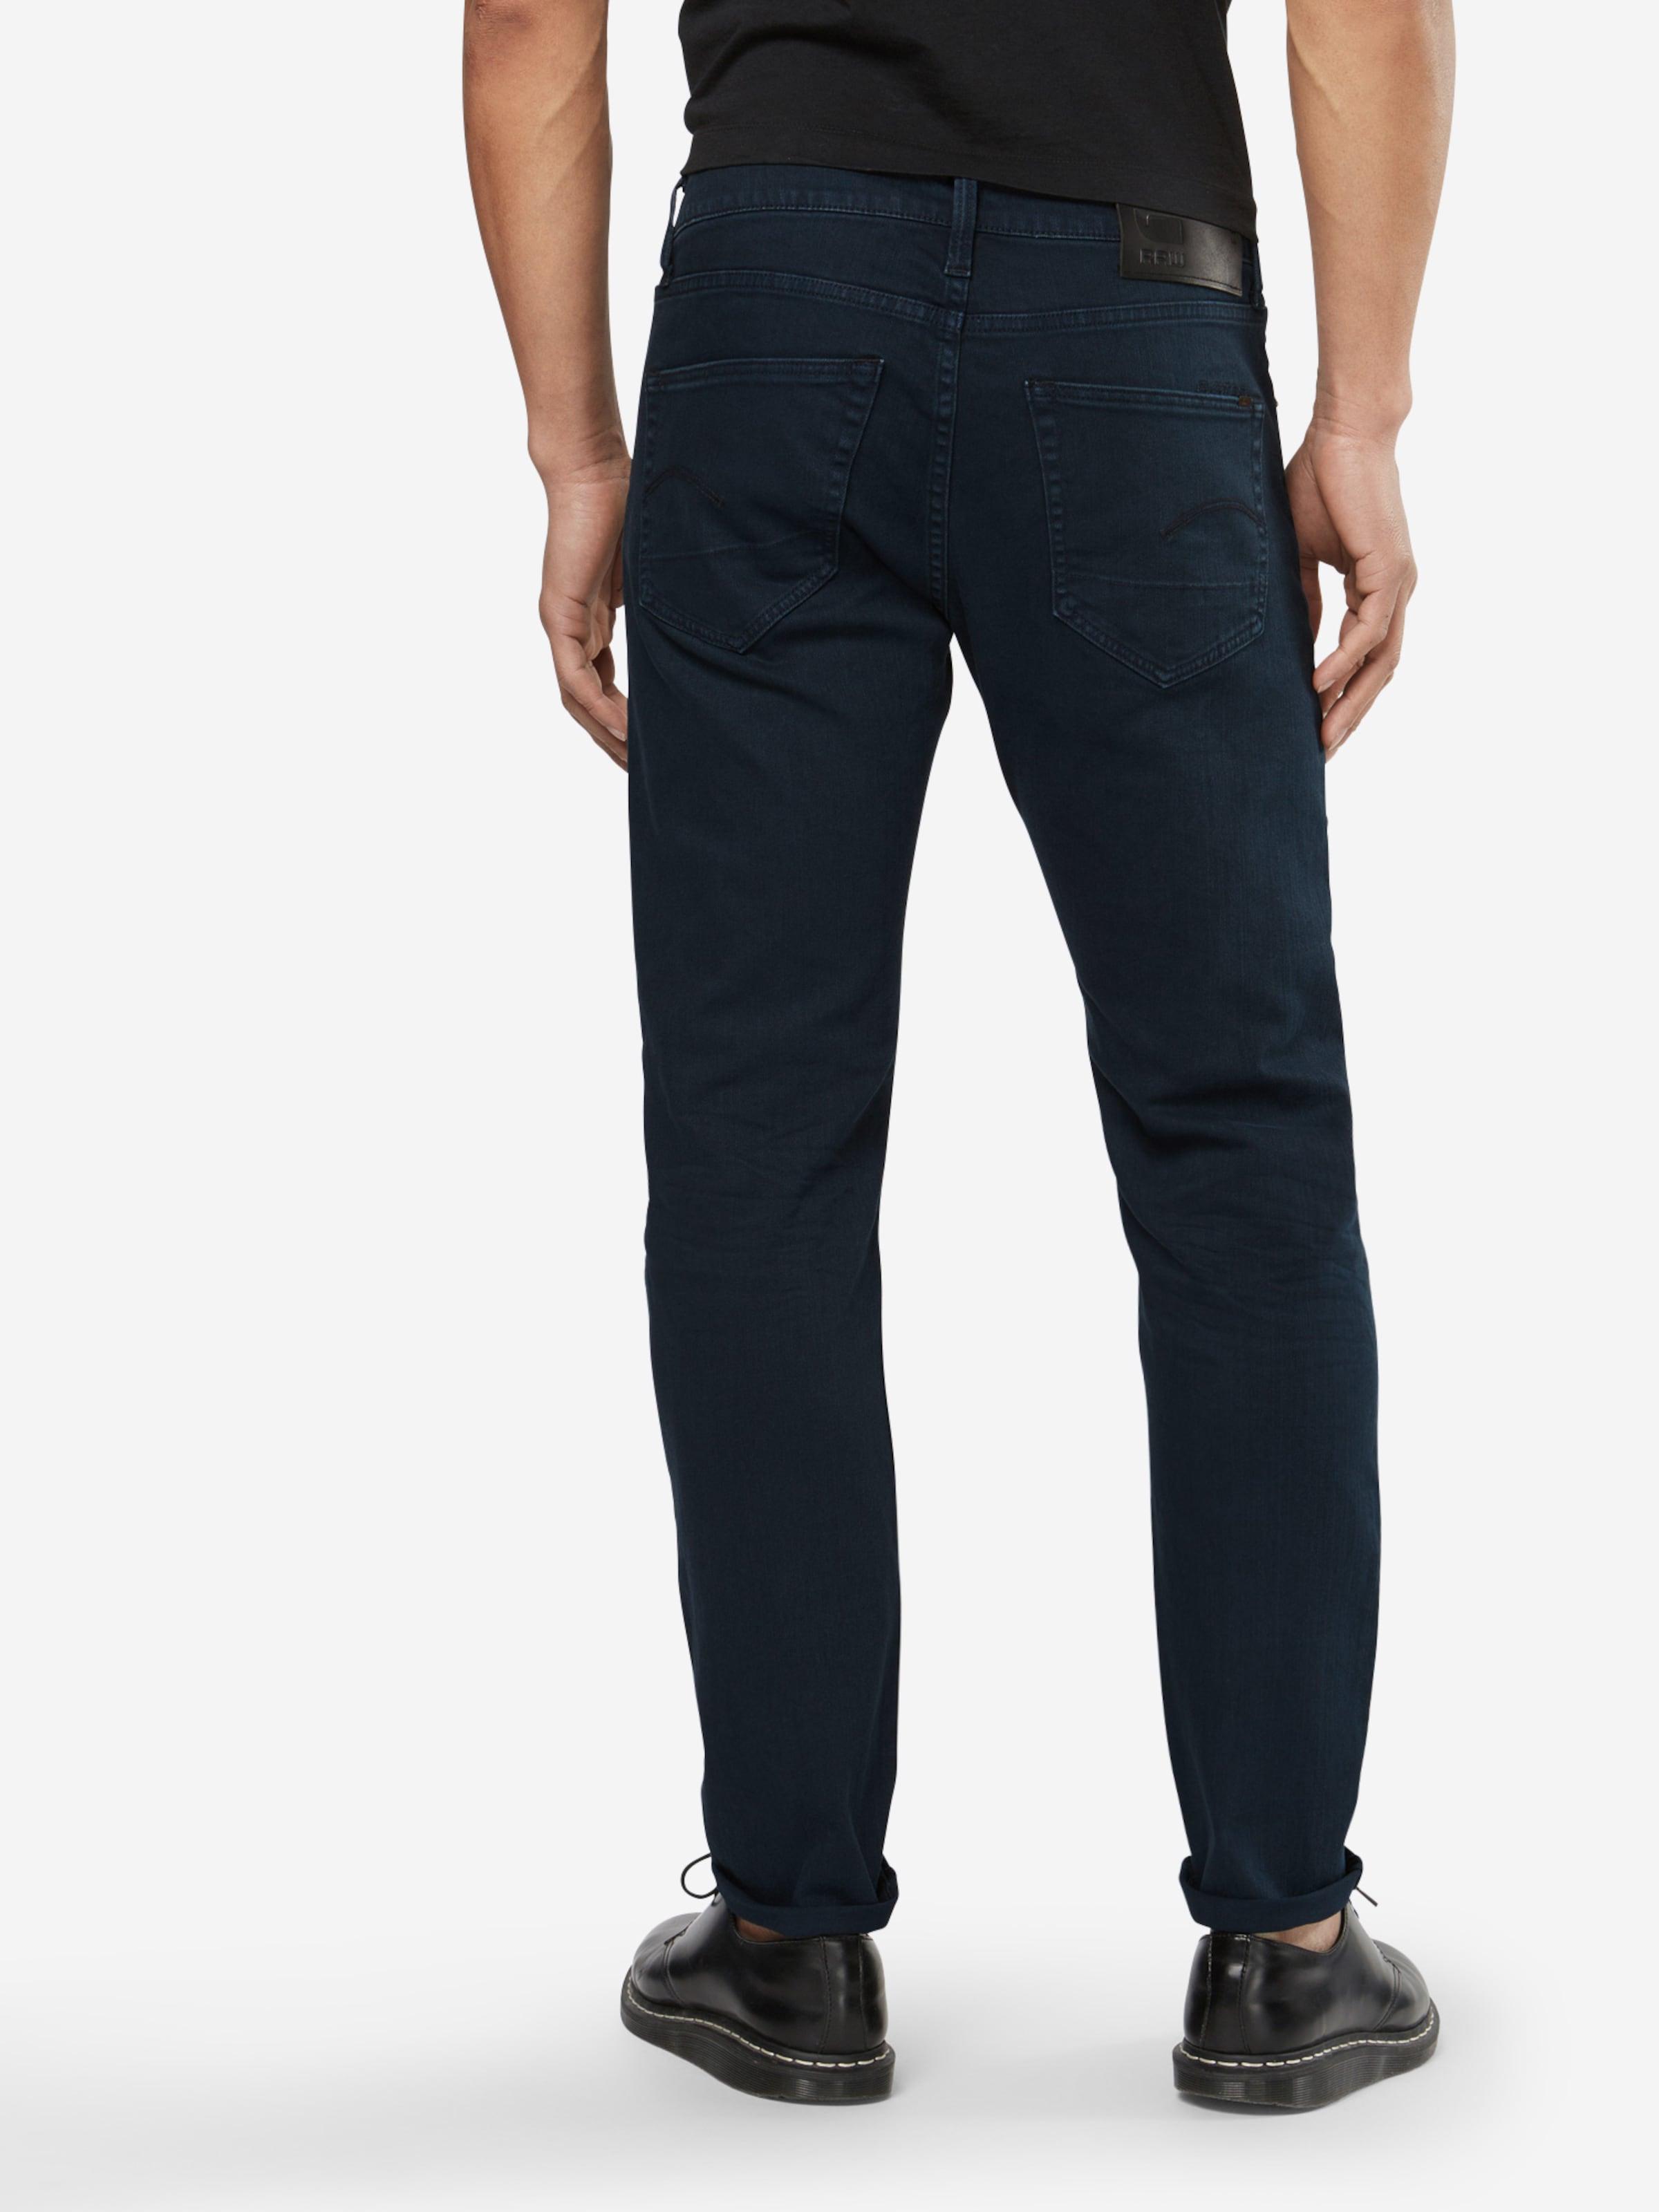 G-STAR RAW Jeans '3301' Verkauf Verkauf Online Rabatt 2018 Neue Genießen Sie Online cucij